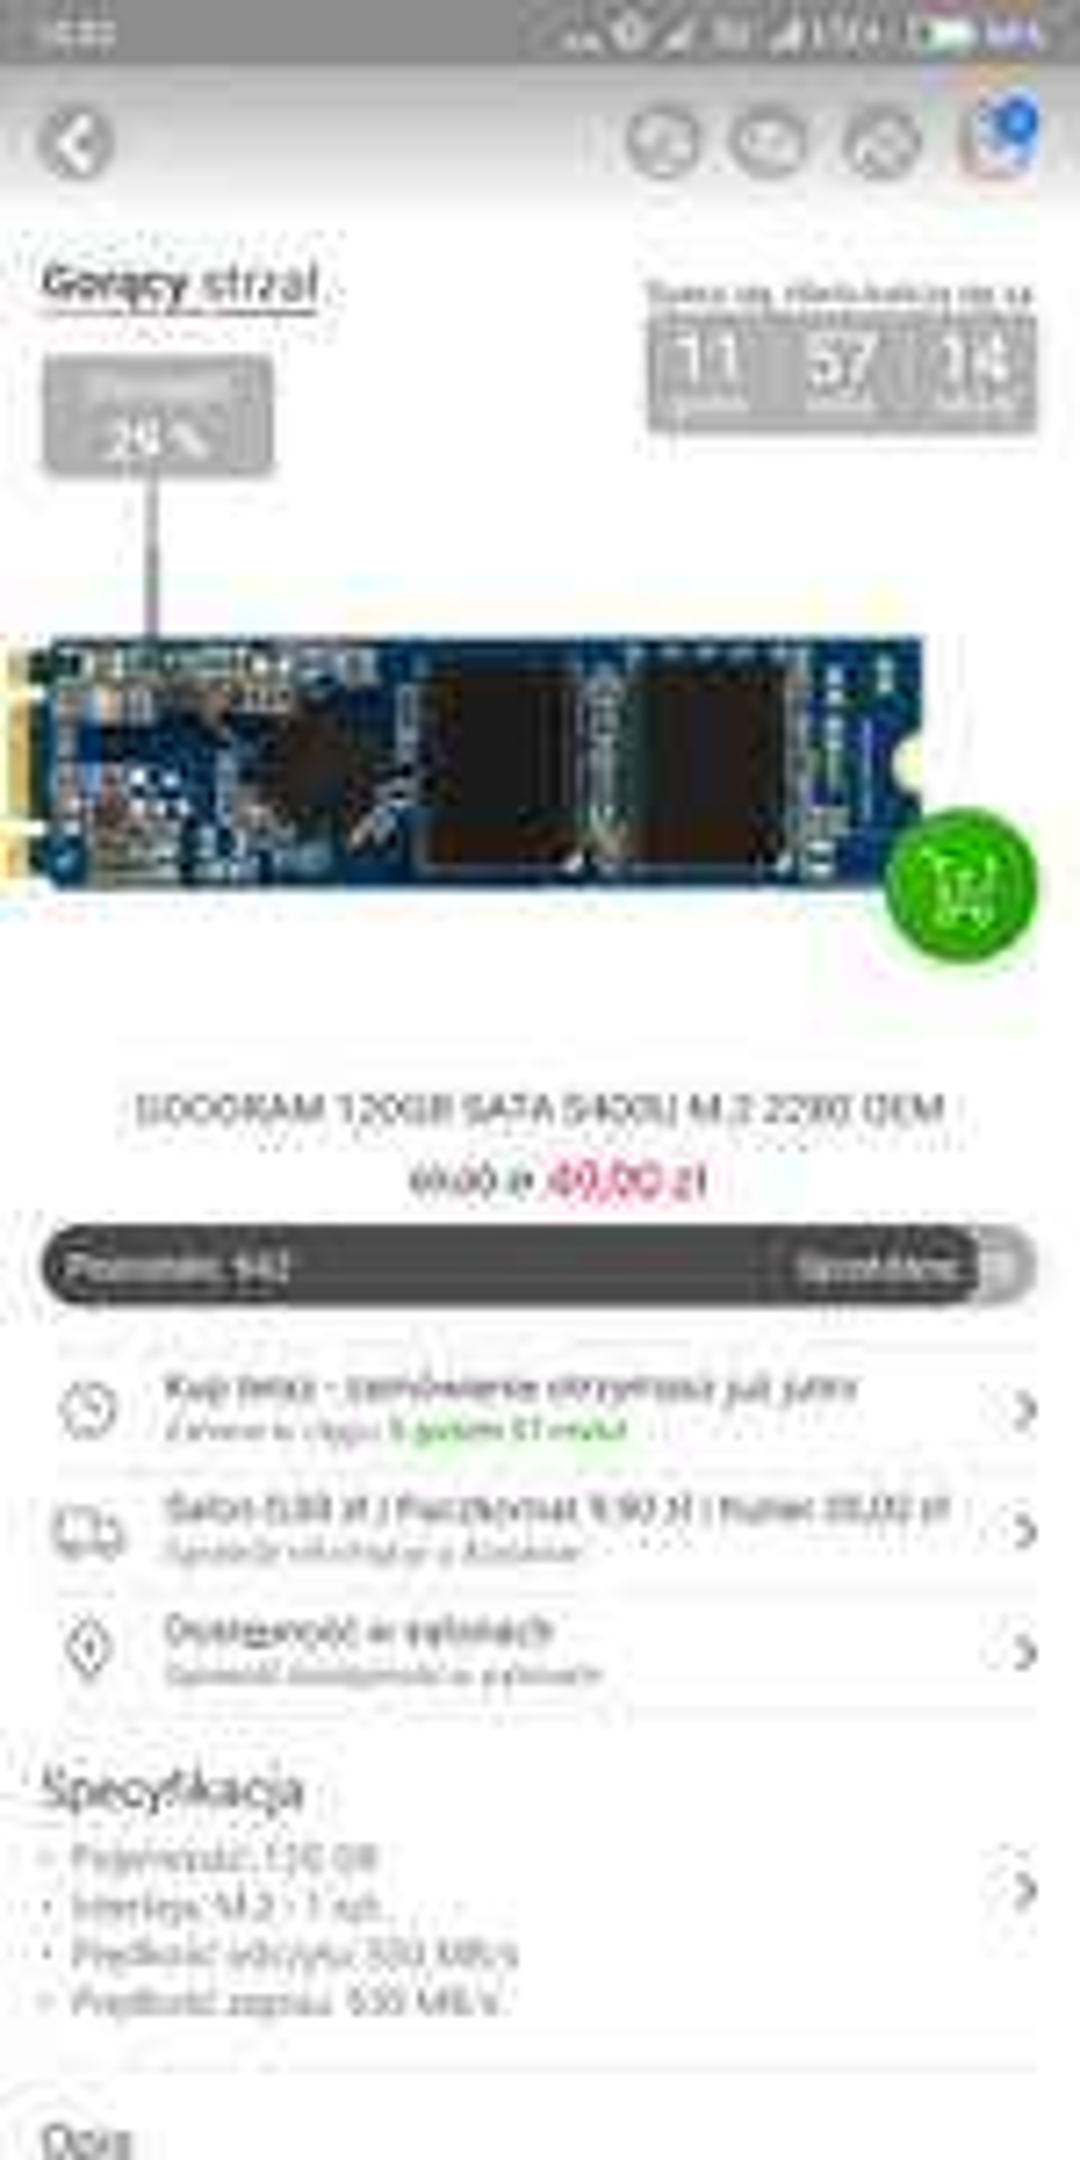 X-kom GOODRAM 120GB SATA S400U M.2 2280 OEM